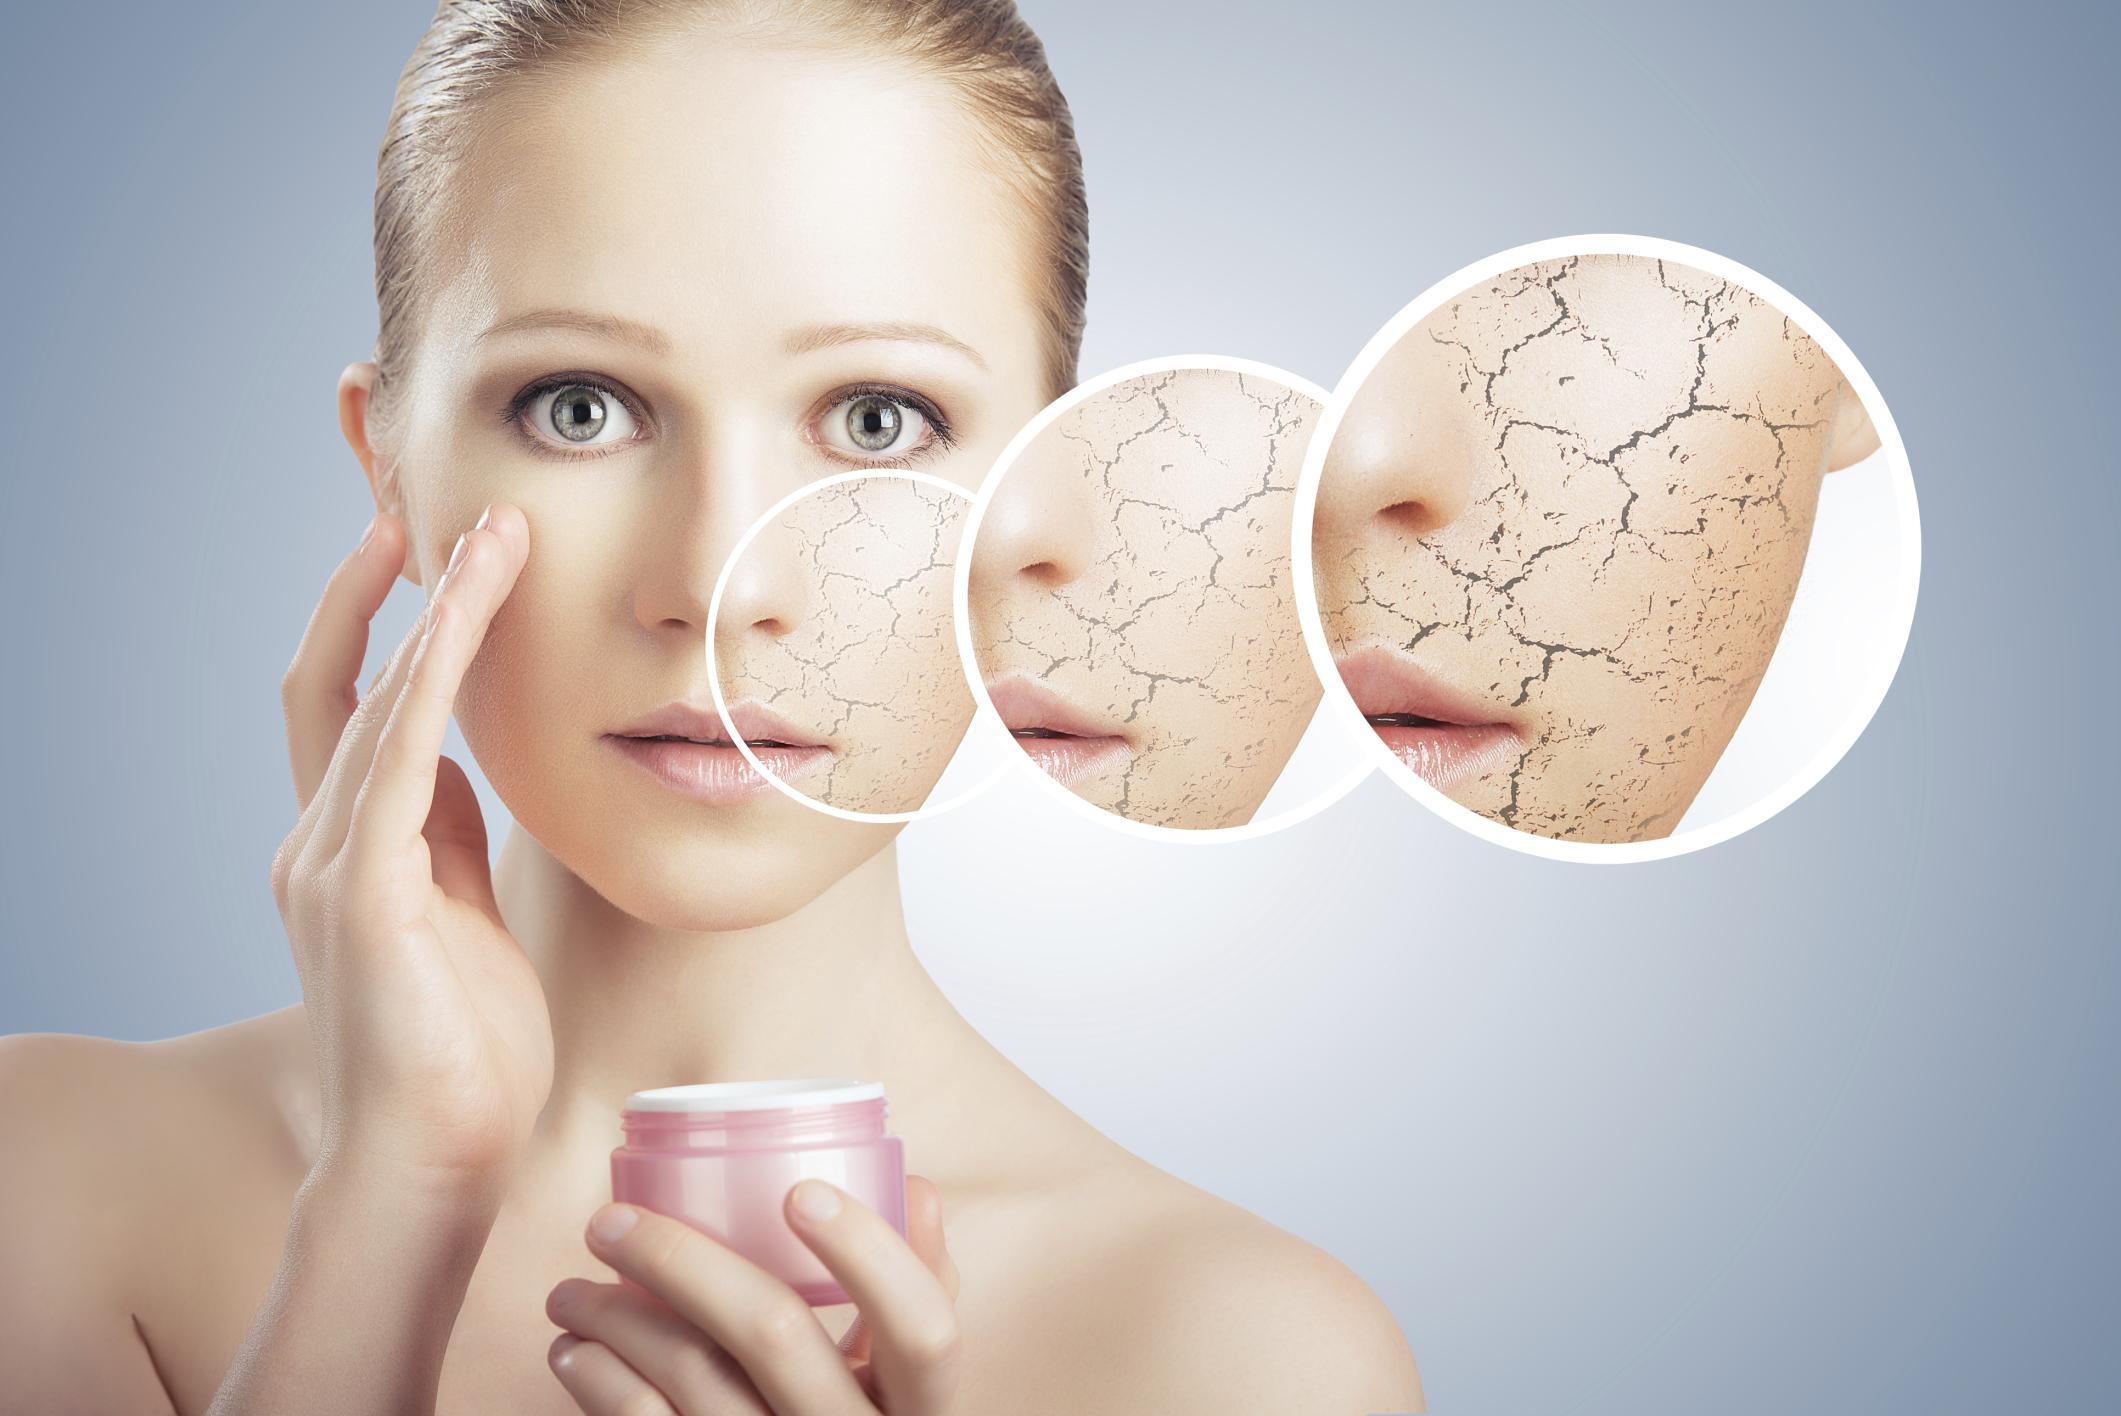 kuru-cilt-tipi - yağlı cilt için bakım önerileri soğuk havalarda bakım yöntemleri kuru cilt için bakım önerileri karma cilt için bakım önerileri cilt tipleri cildi koruma yöntemleri